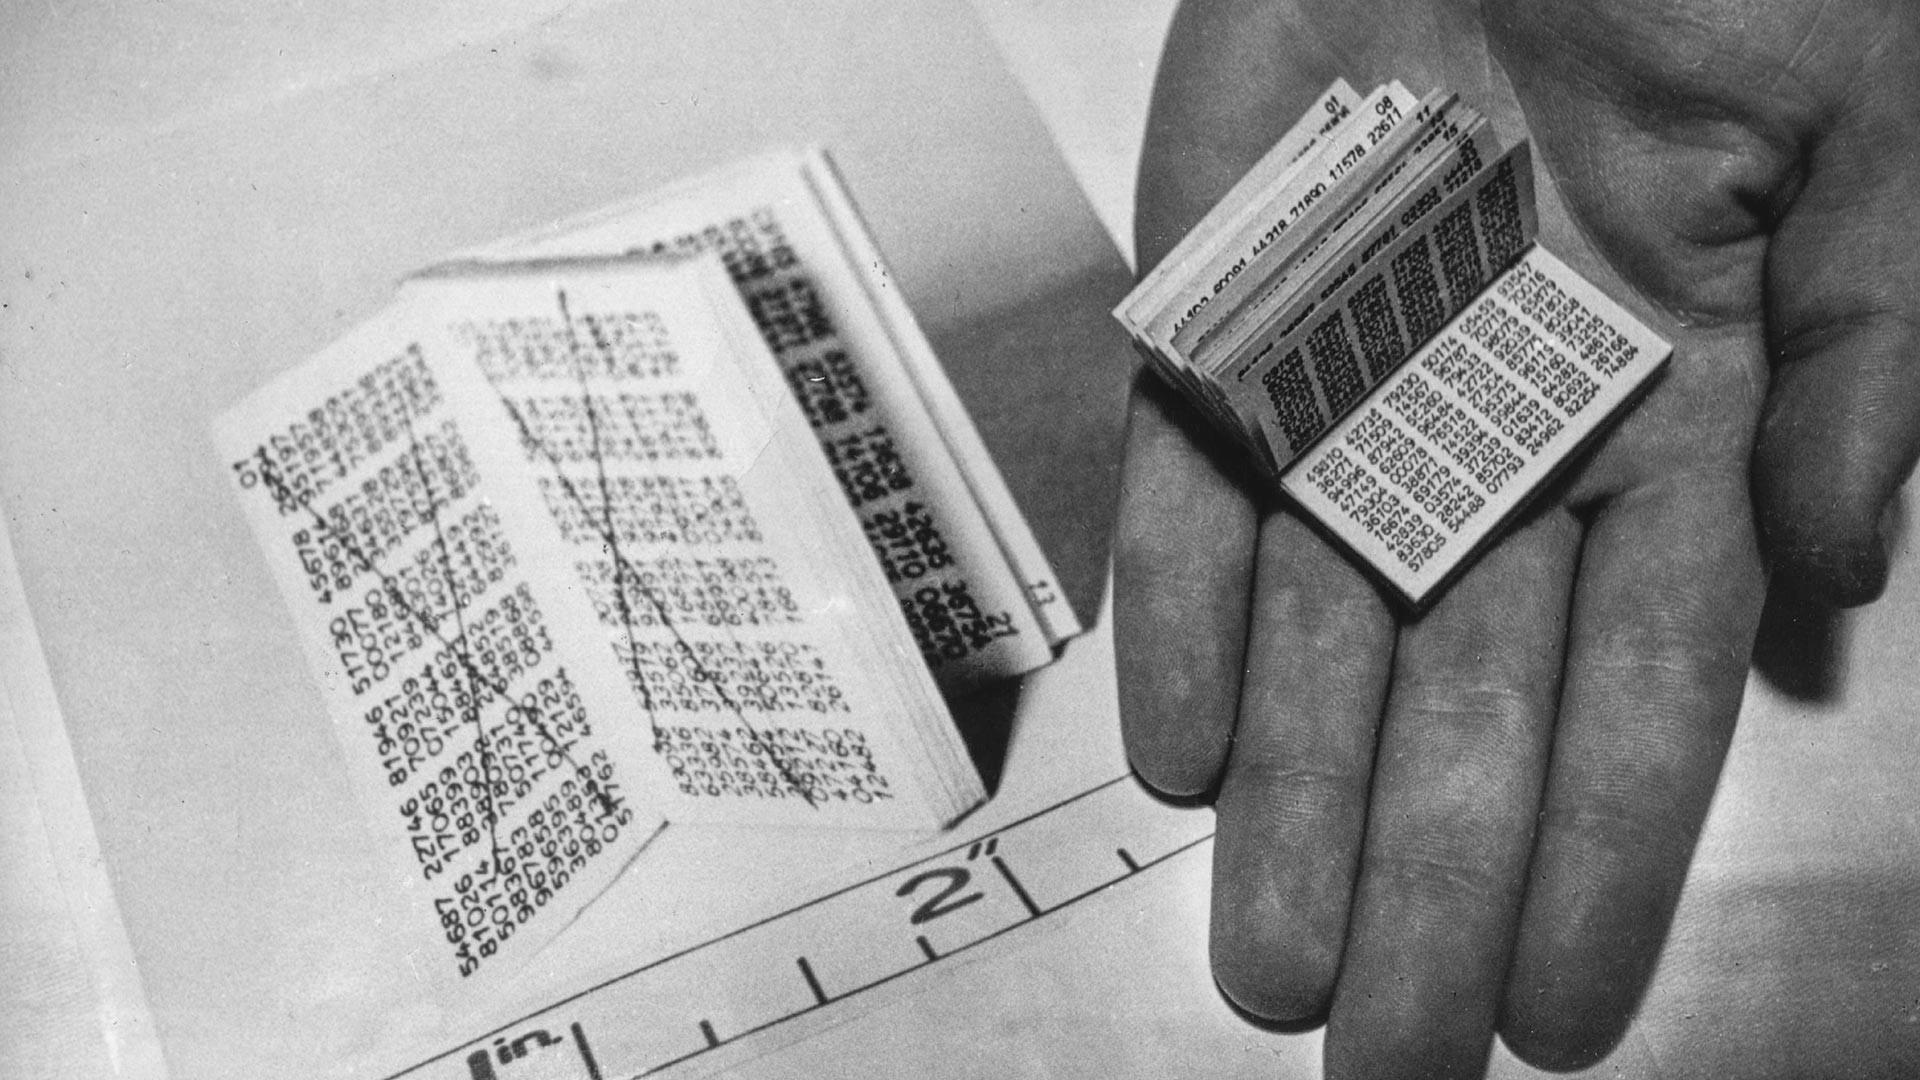 Миниатюрната кодова книга, която съдържа поредица от цифри, която според генералния прокурор сър Елвин Джоунс е била използвана от шпиони за декодиране на съобщения от Москва. Увеличен образ отляво.